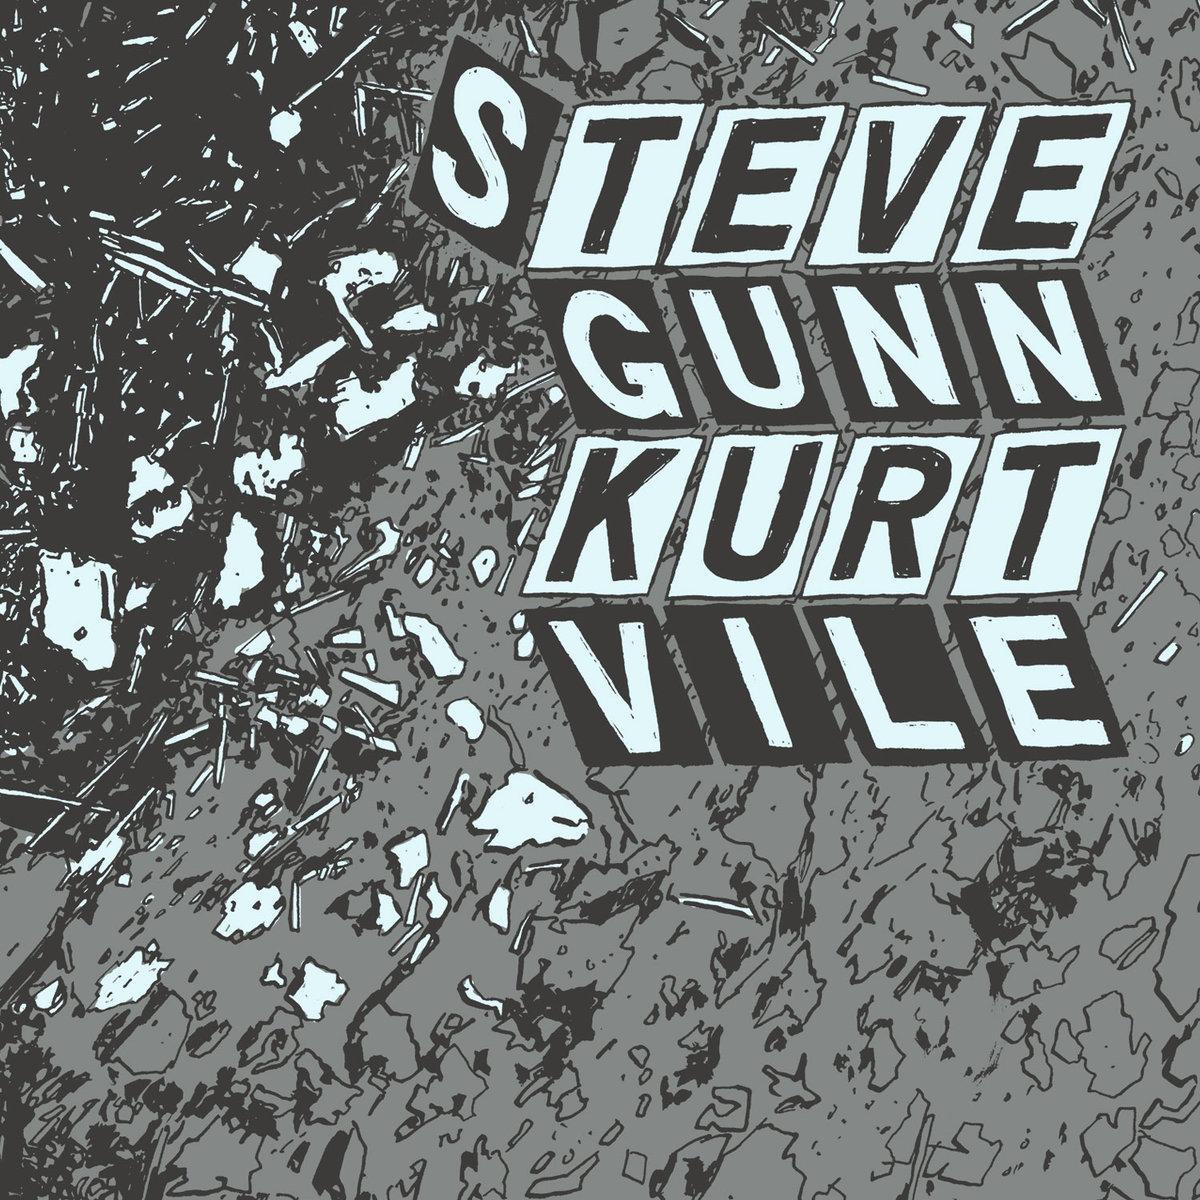 Kurt Vile And Steve Gunn – Parallelogram